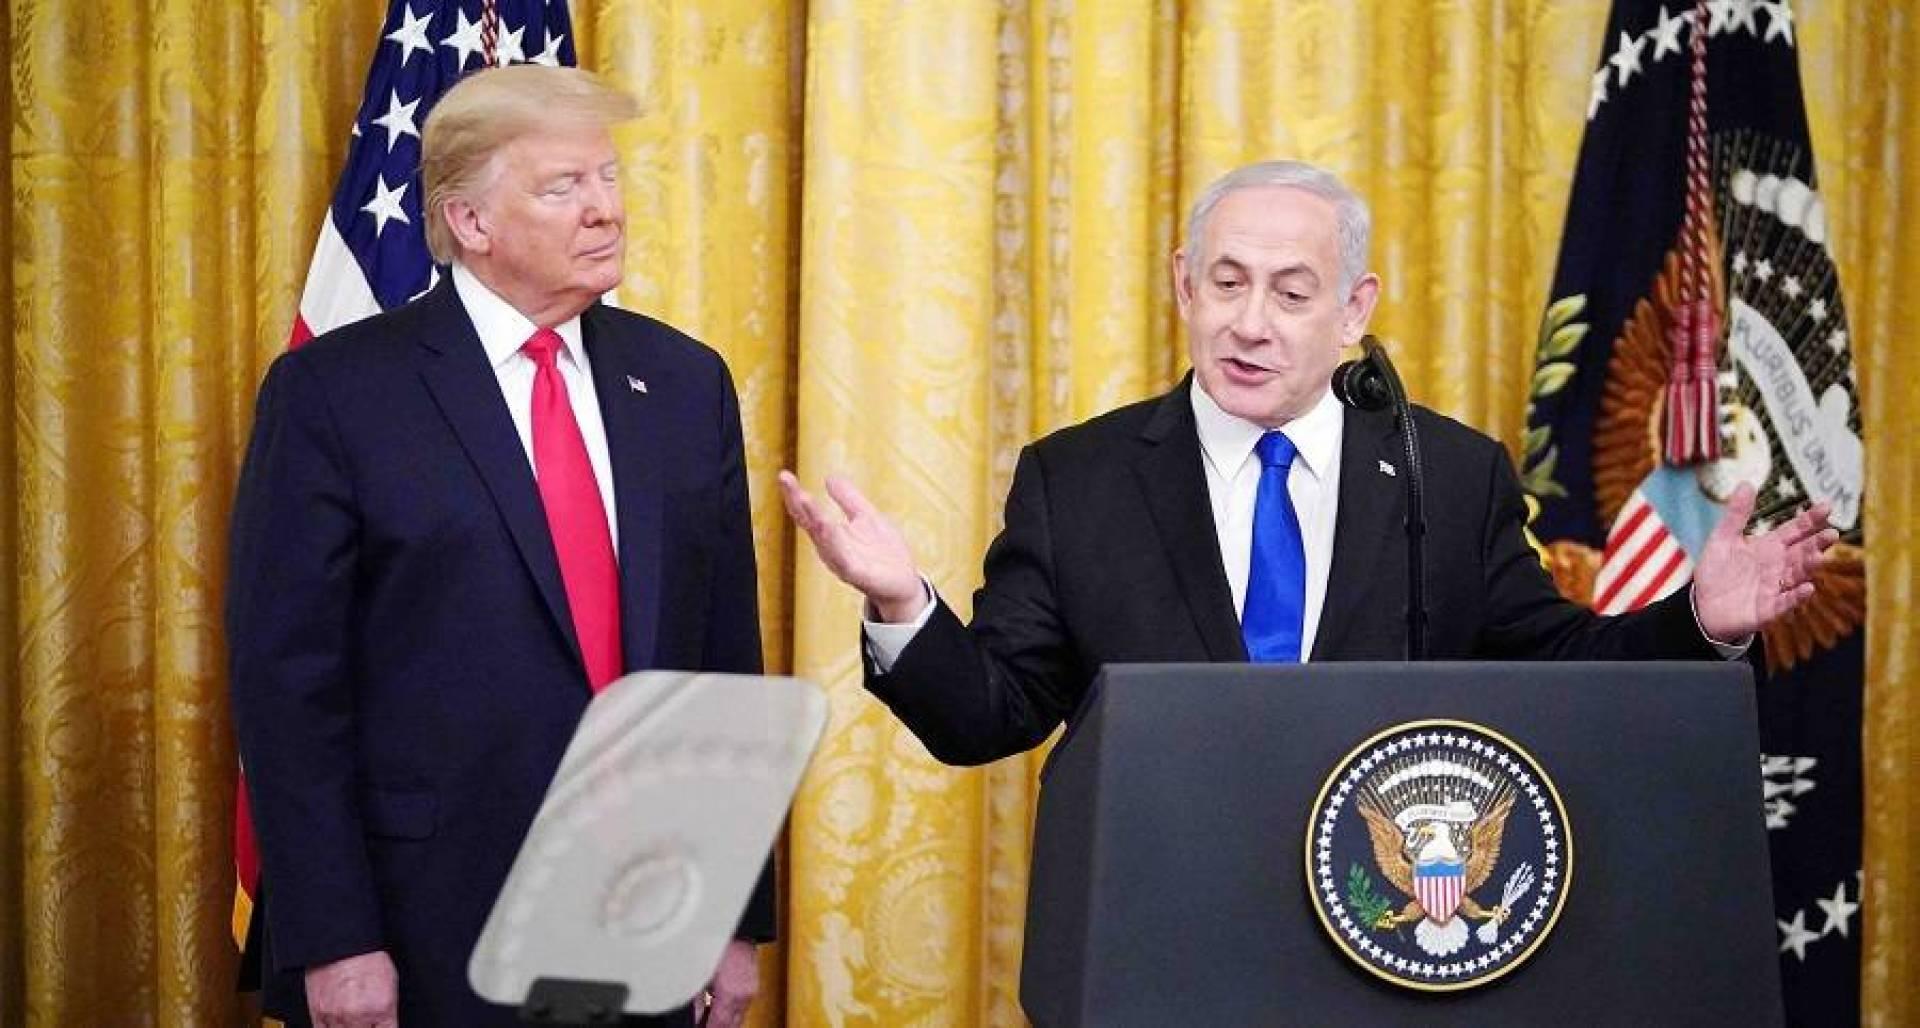 نتنياهو: العاصمة الفلسطينية المقترحة في خطة ترامب للسلام ستكون في أبو ديس